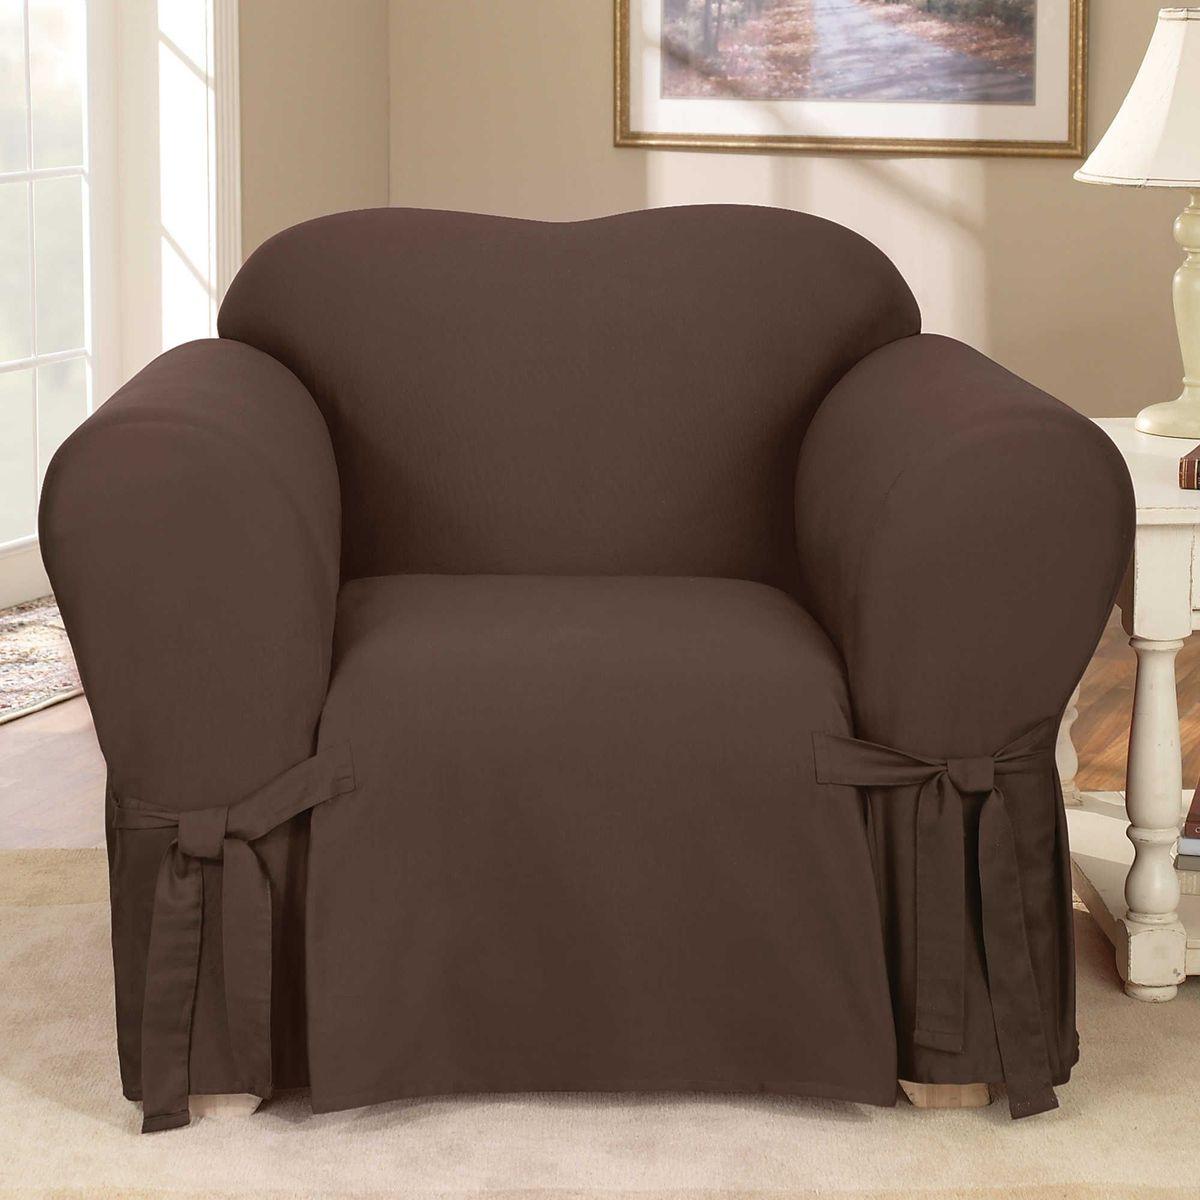 Чехол на кресло Медежда Брайтон, цвет: шоколадный1401011211000Чехол «Брайтон» легко гармонирует почти со всеми палитрами цвета и любым типом интерьера.Классический чехол из хлопка, не эластичен, но хорошо принимает форму кресла, подходит для кресел шириной спинки от 80 до 110 см.